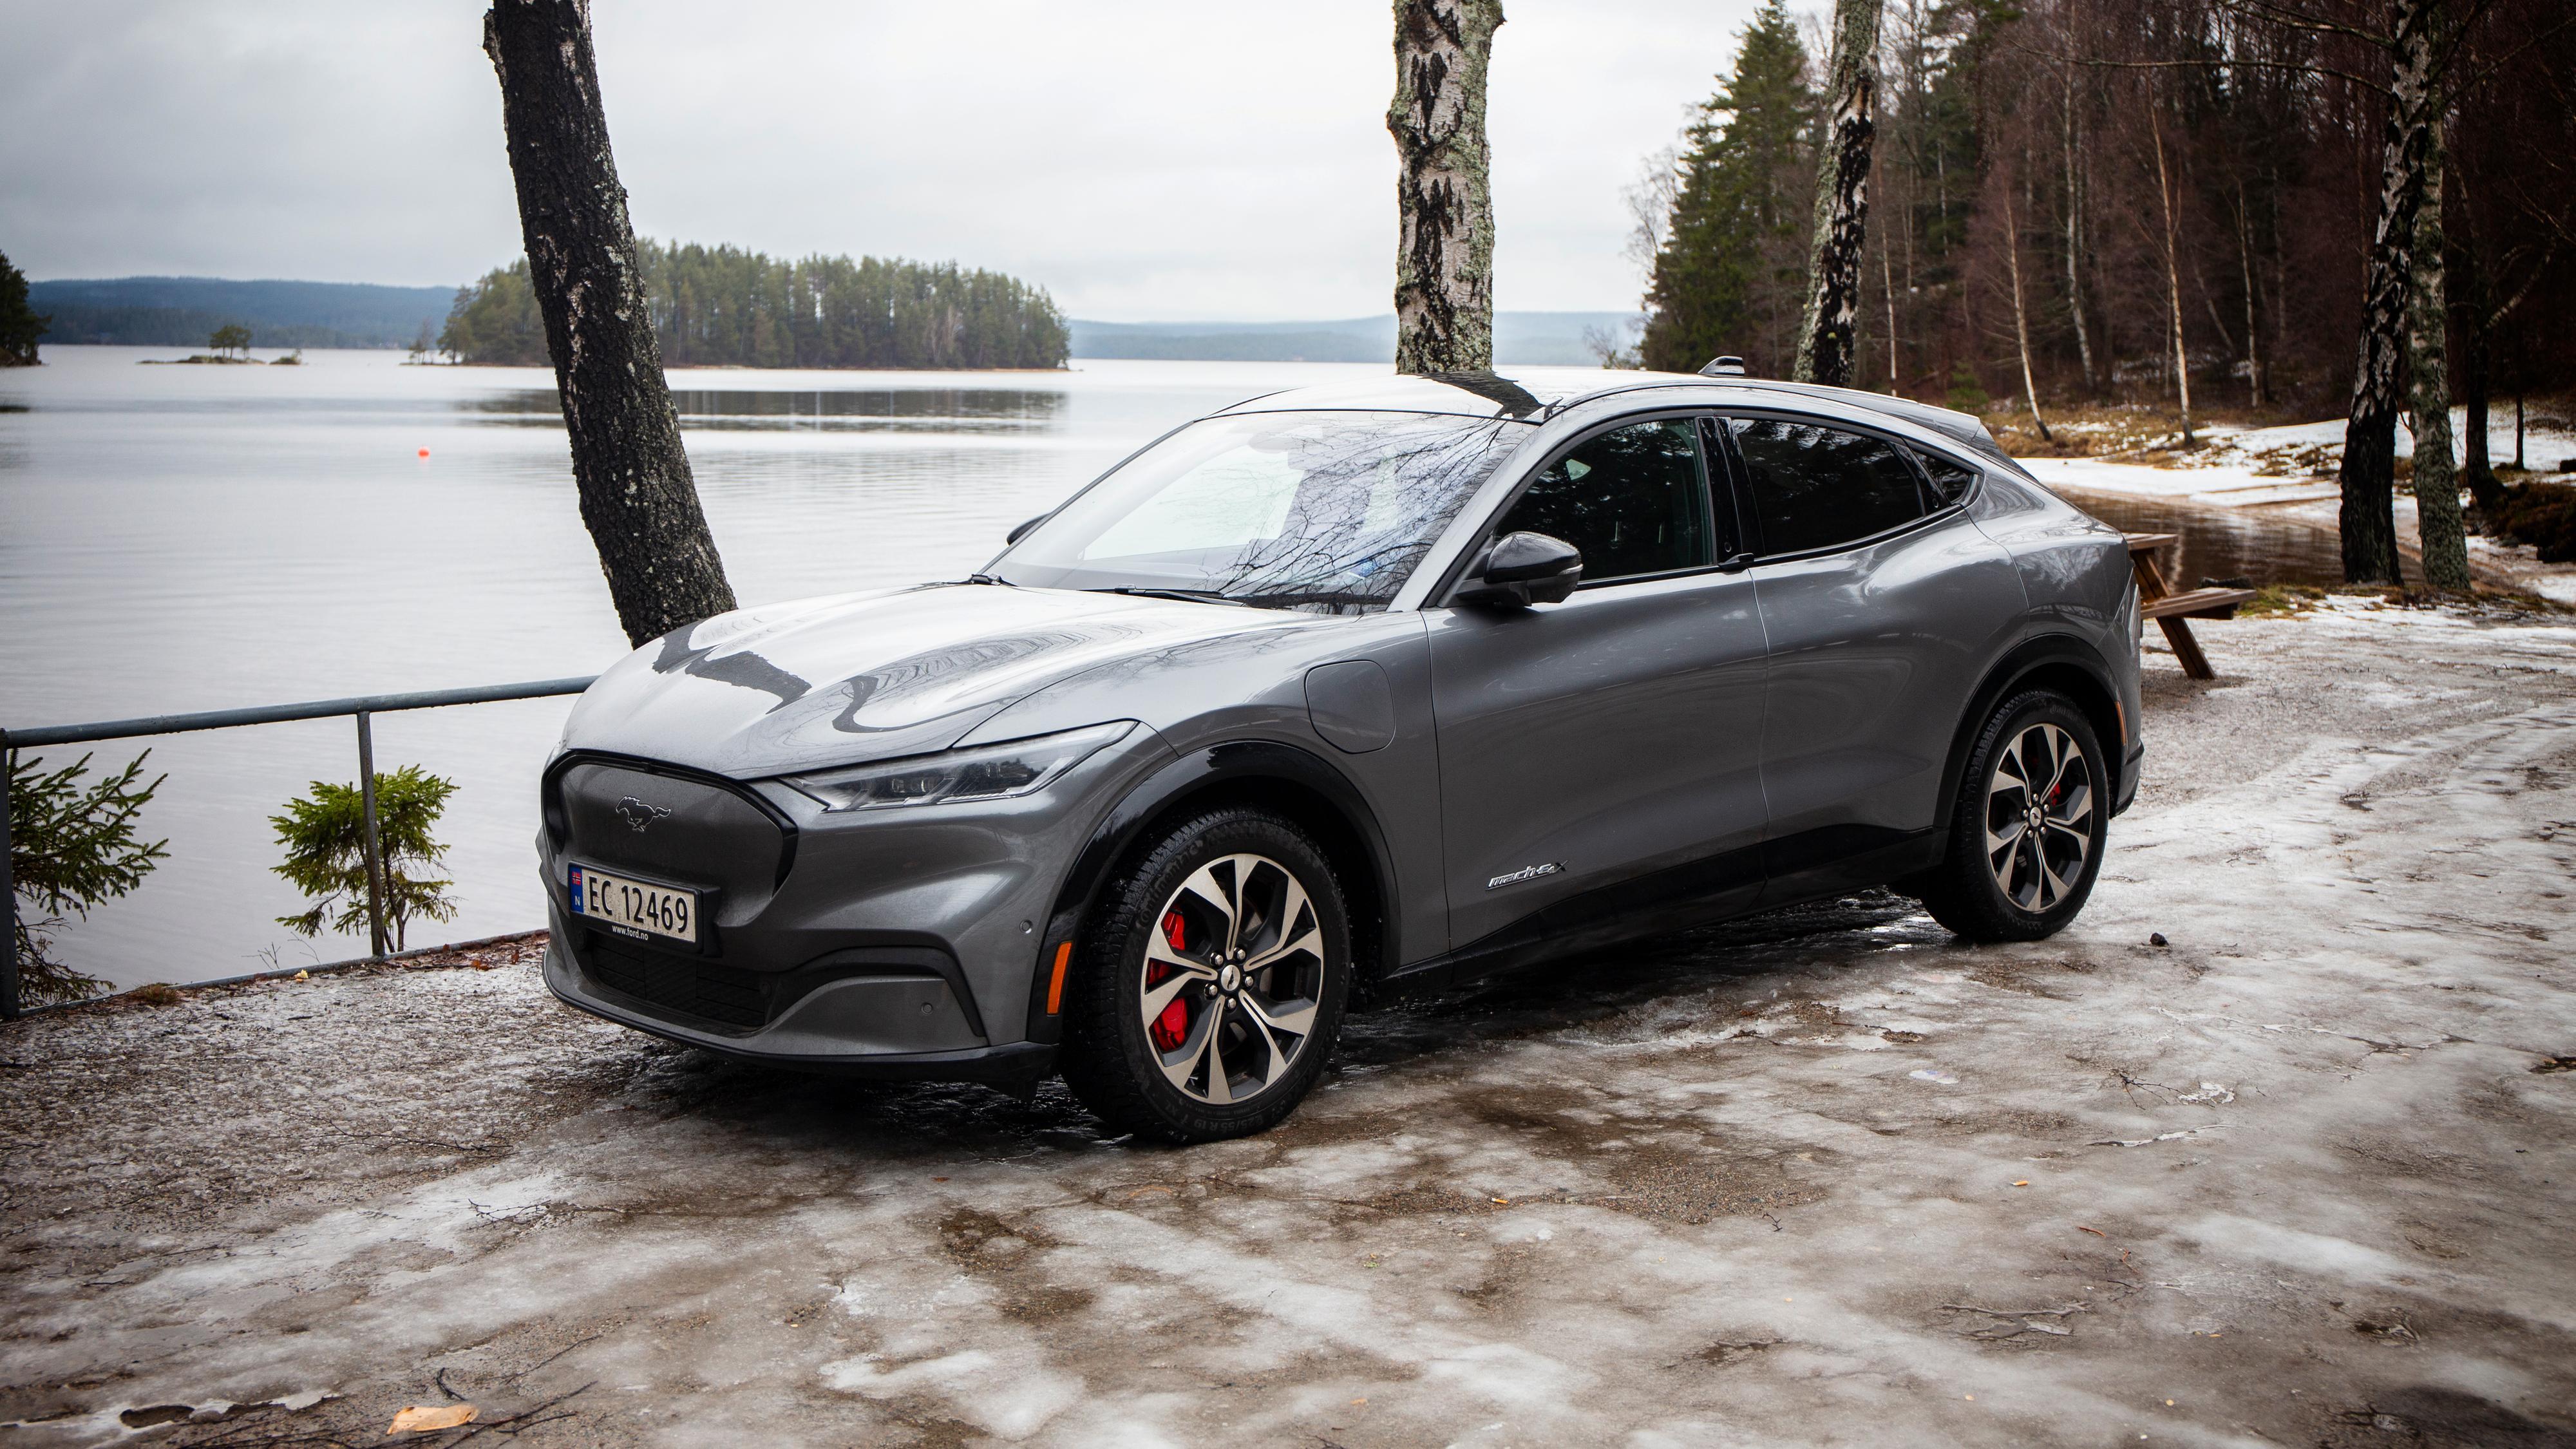 Eiere av Fords Mustang Mach-E har opplevd at bilen går fullstendig i lås etter å ha kjørt nedover «for lenge».